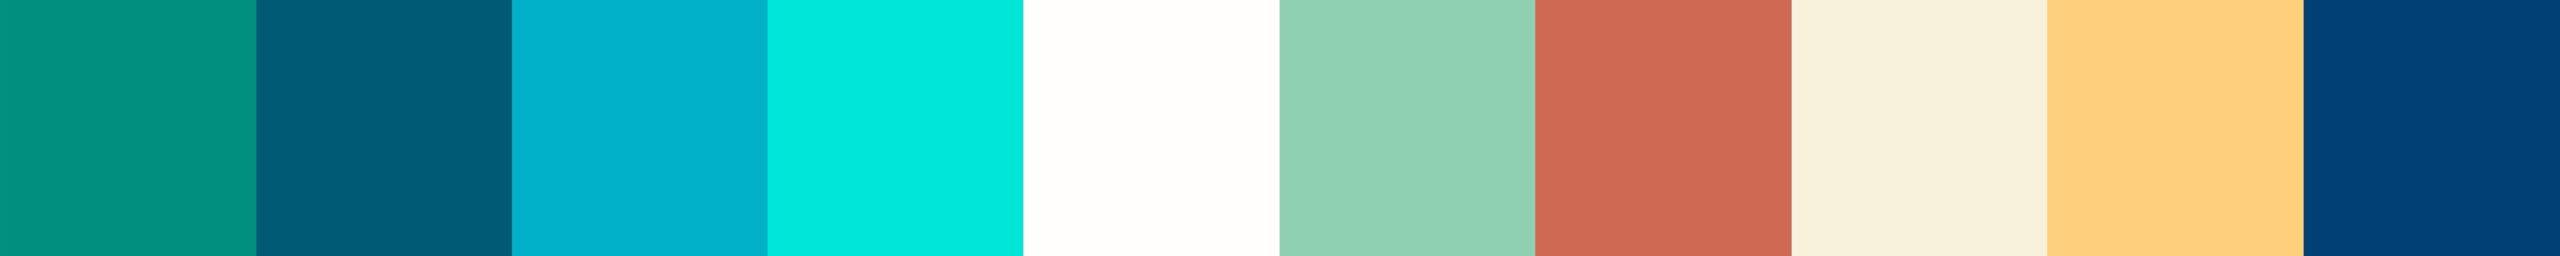 172 Duvreza Color Palette